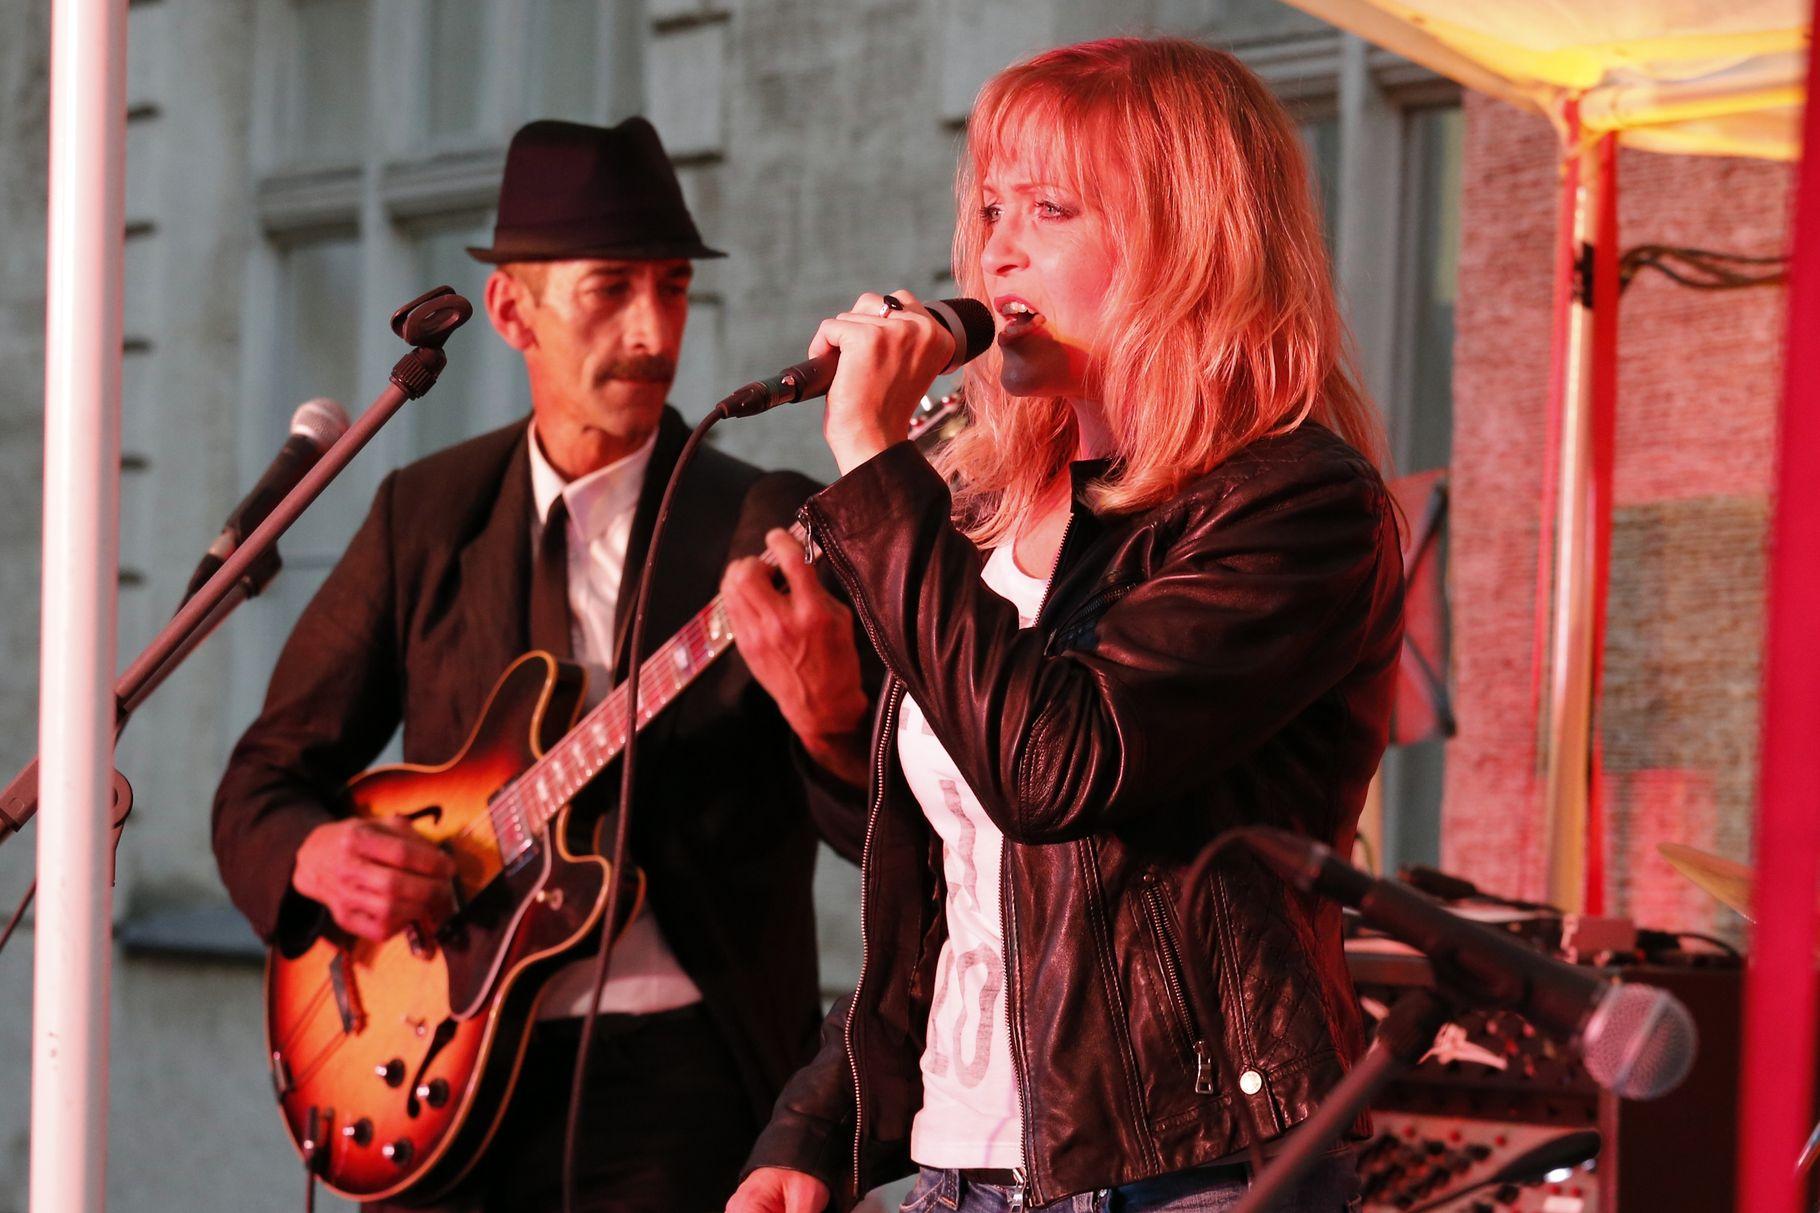 Konzerte im Bürgerhof 05.07.2013 CoolTone - Freiwilligen-Zentrum Augsburg - Foto: Franz Lechner